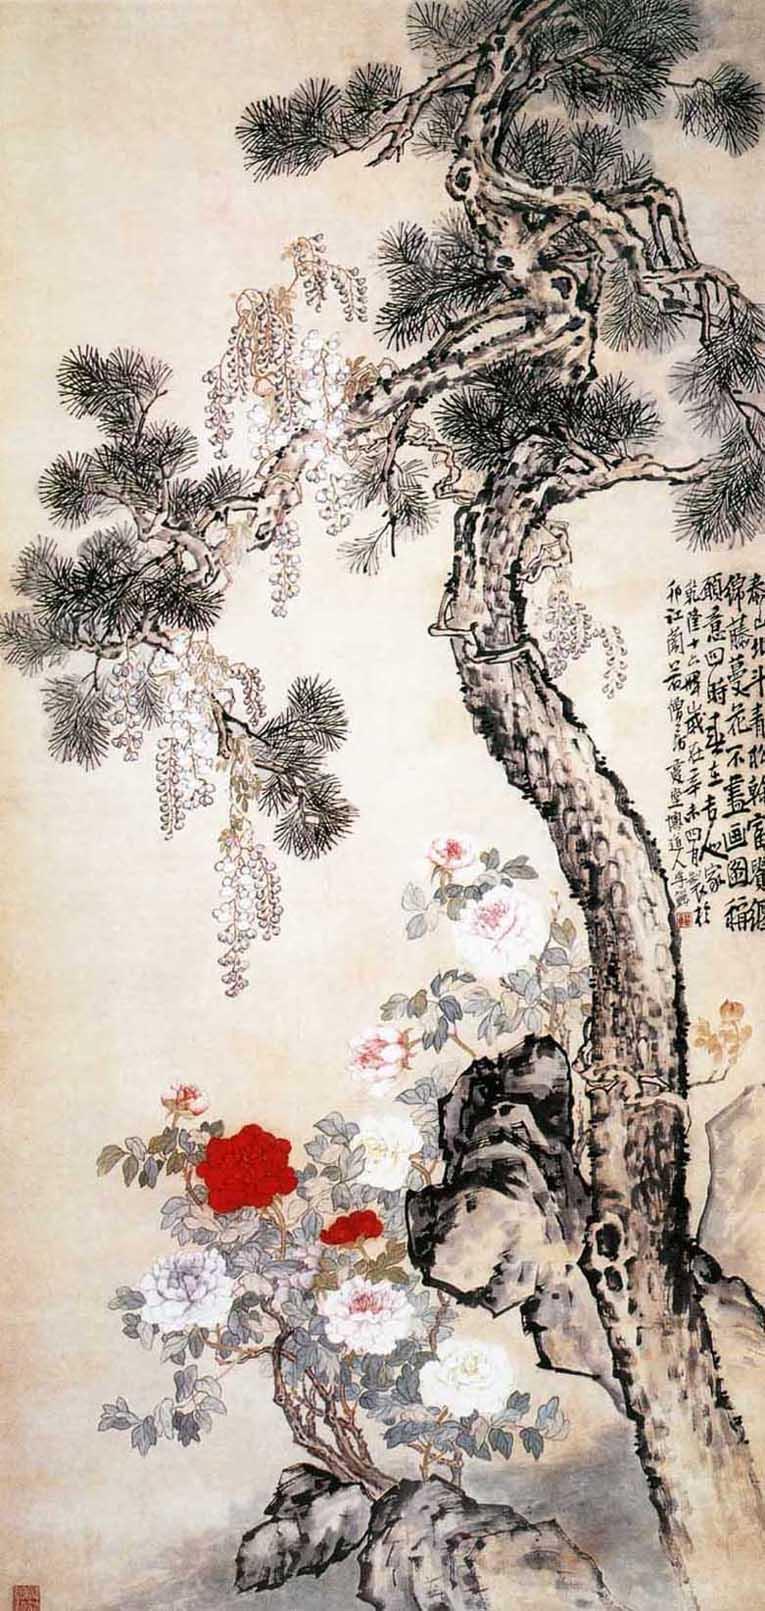 Хуан Шень, живопись гохуа, традиционная китайская живопись